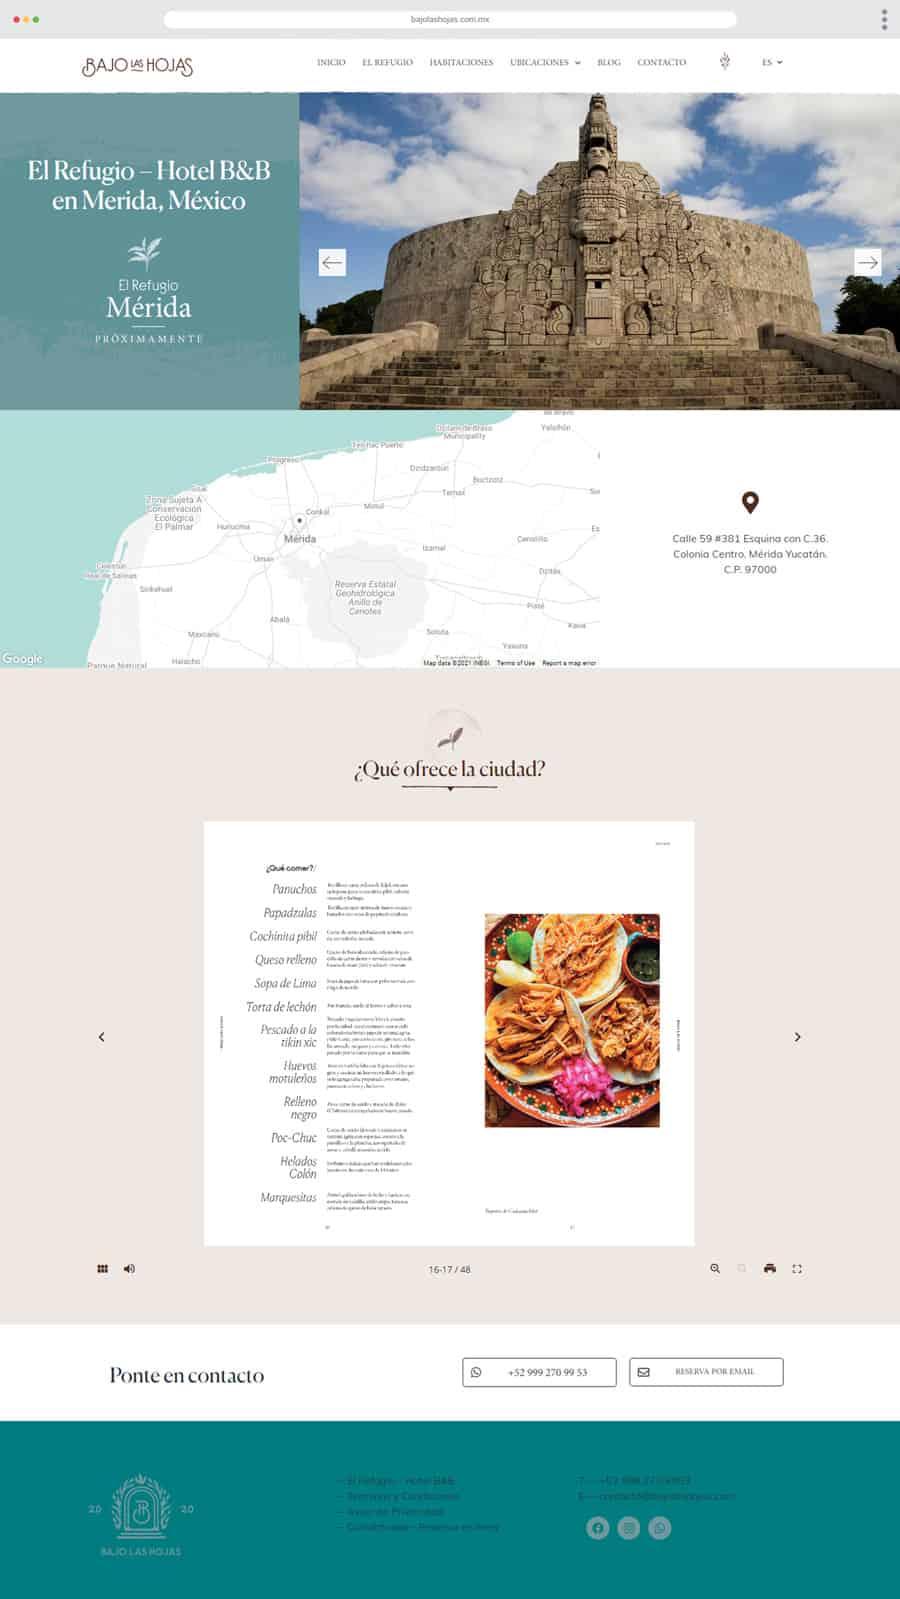 Diseño Web Bajo Las Hojas